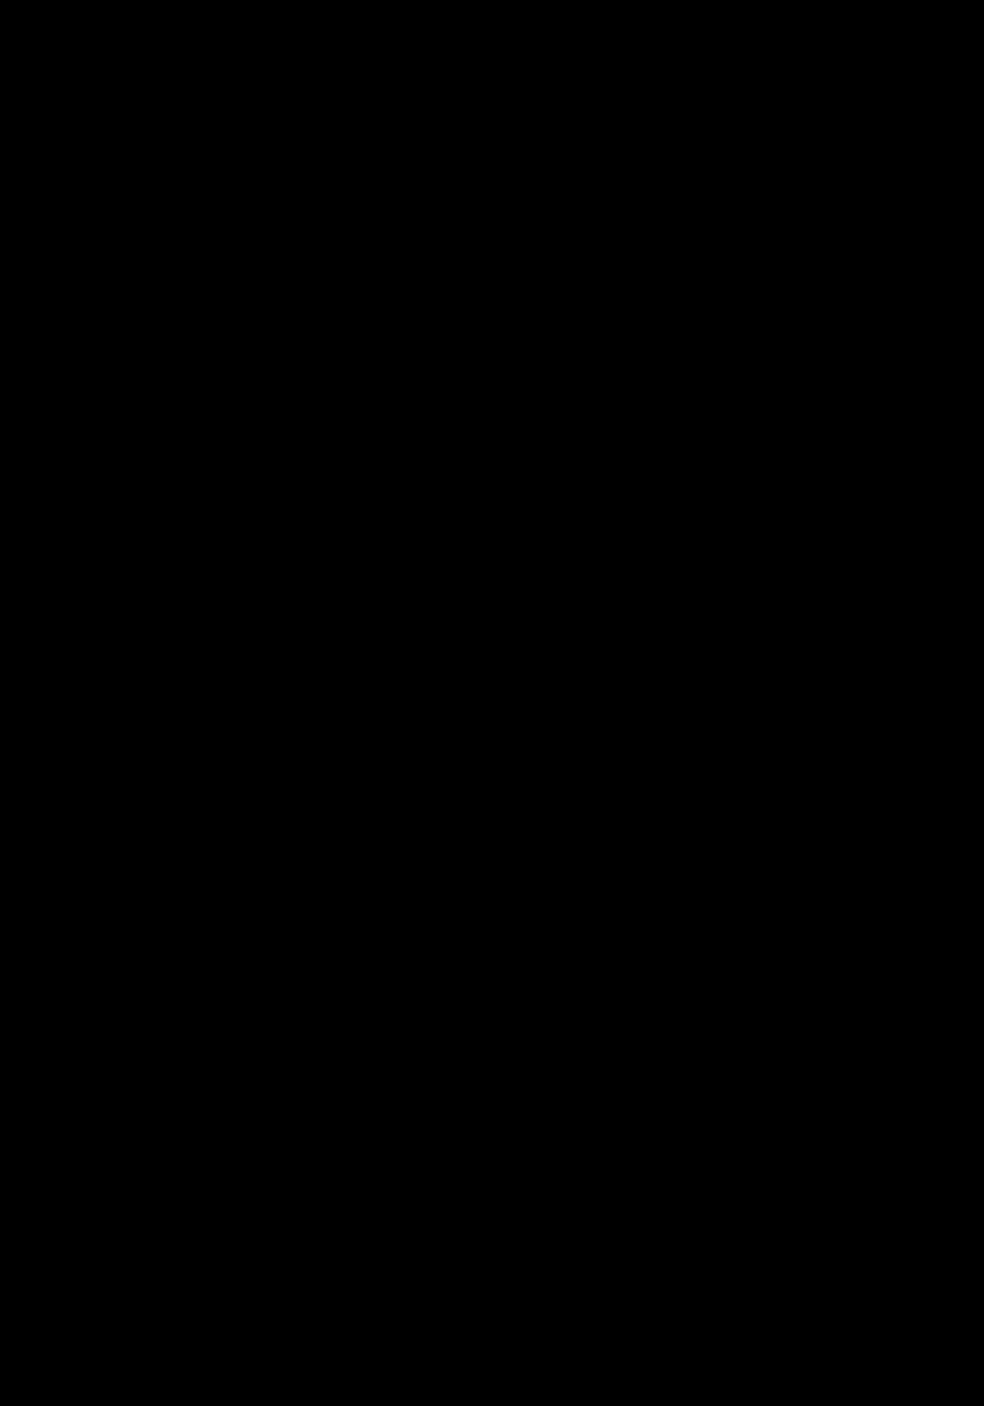 石井中教科書 MT-A 横組見本